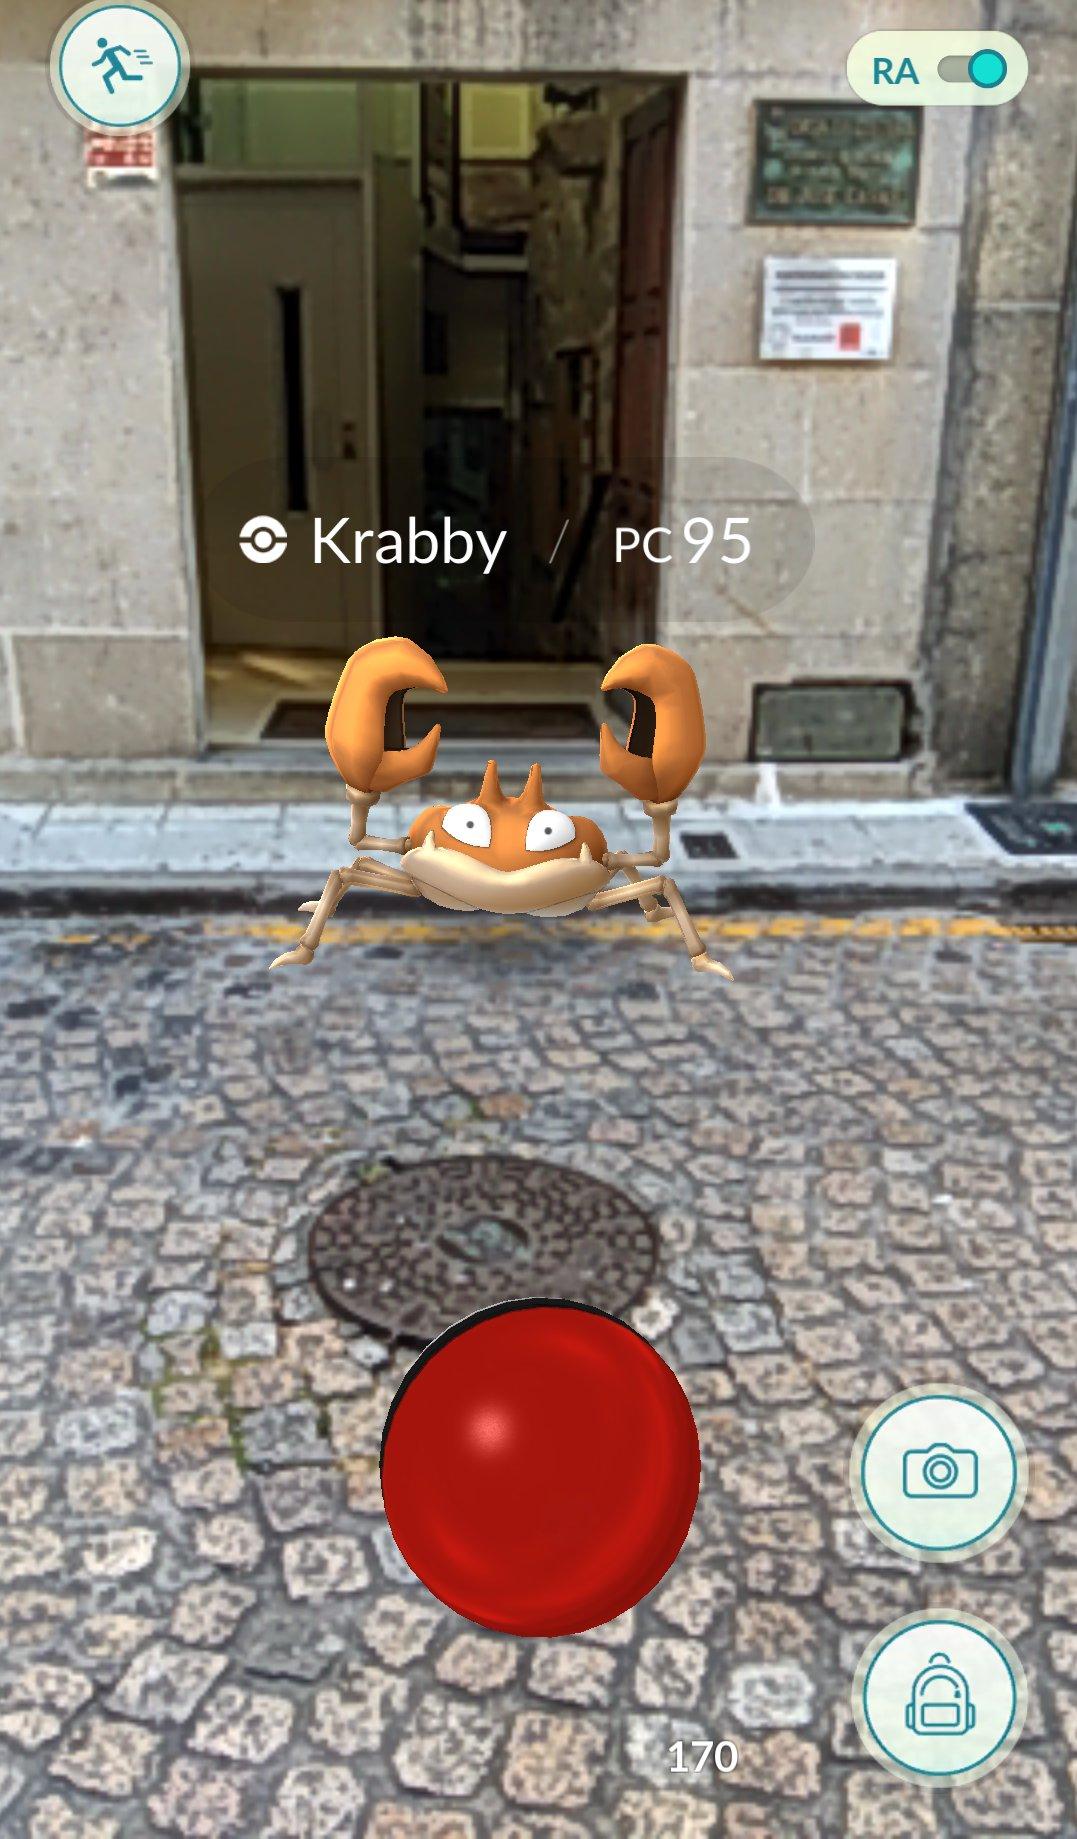 Entrenador Pokémon por capturar uno en una calle de Vigo, España